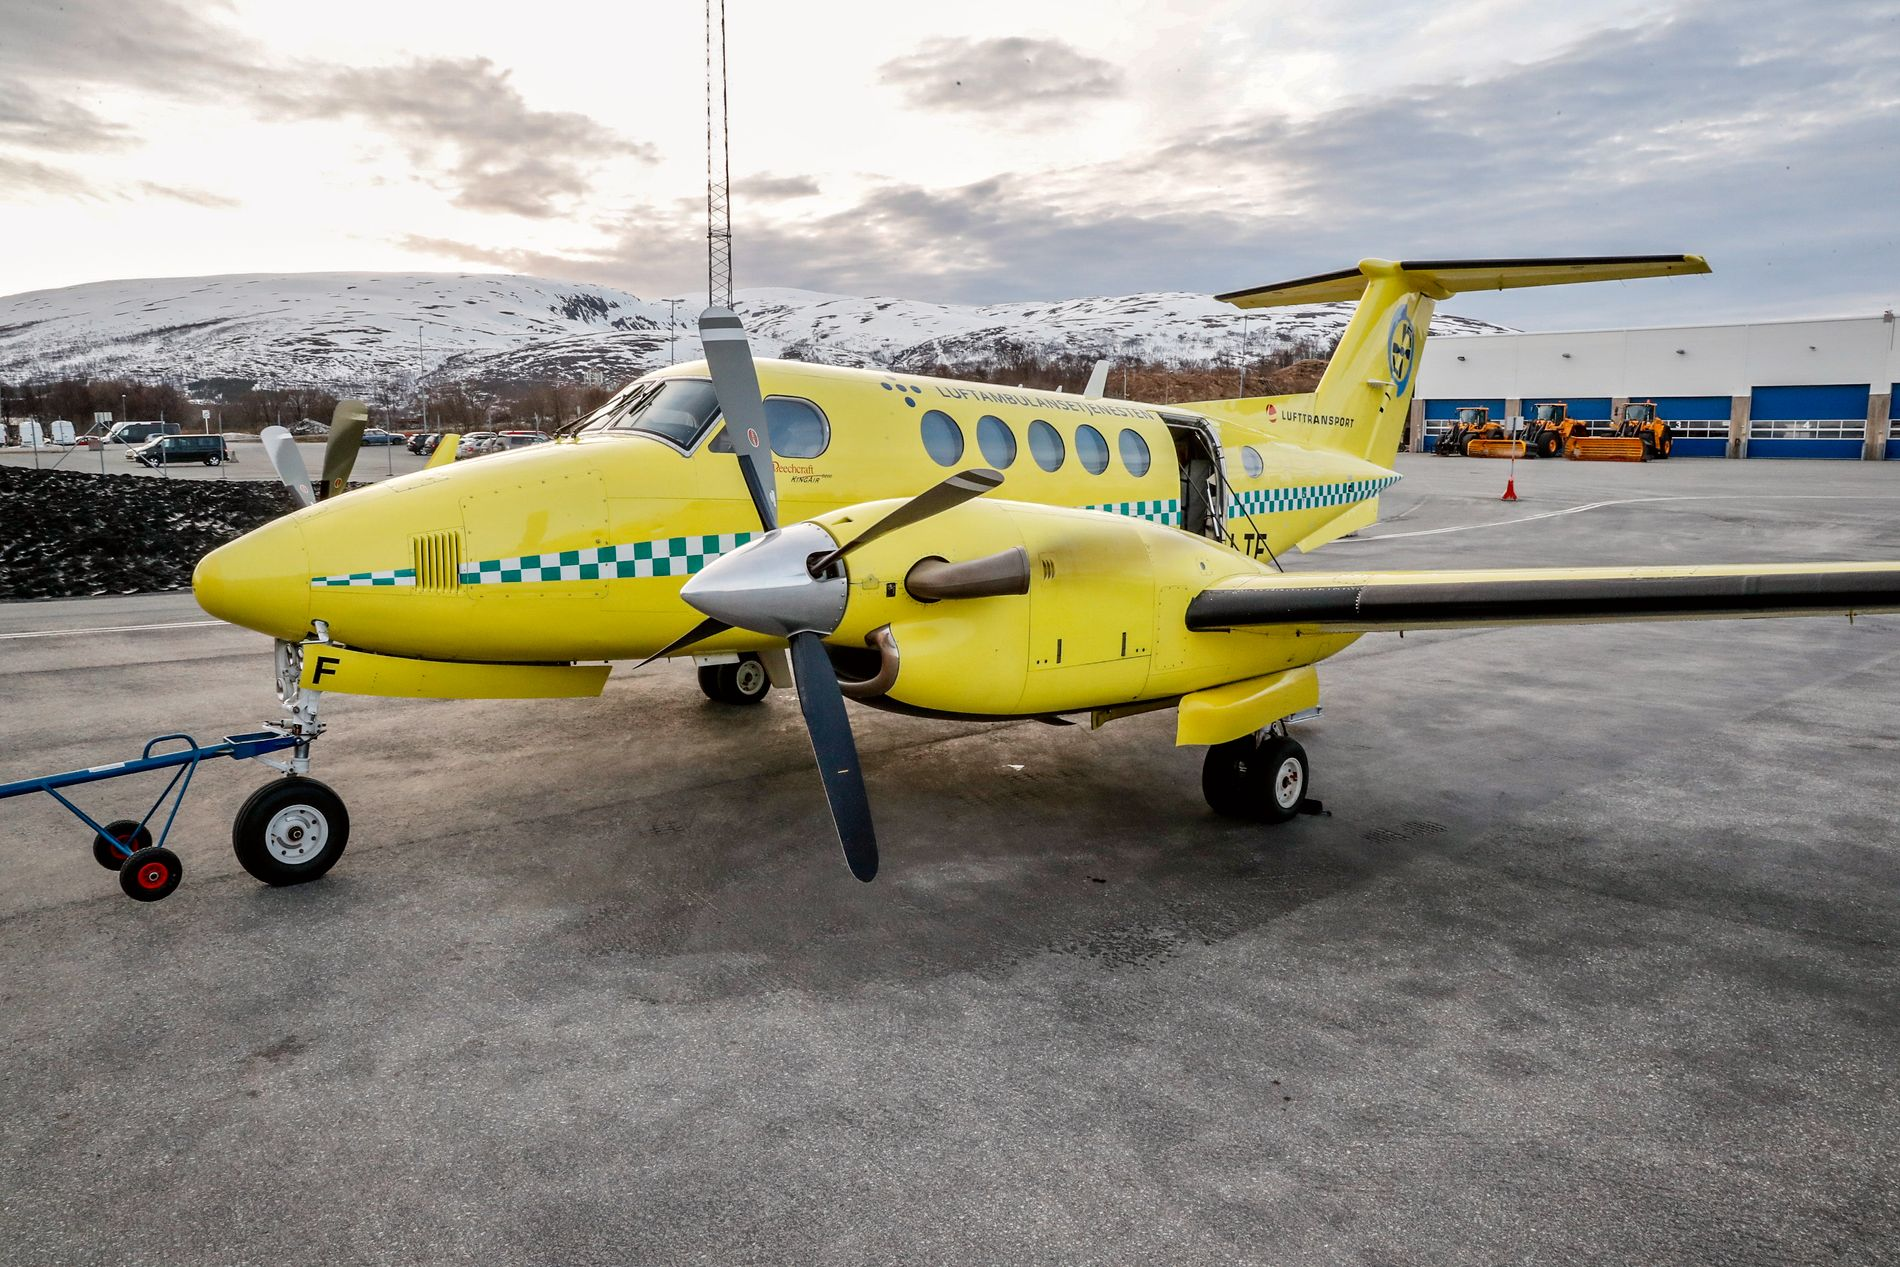 KONFLIKT: Siden mars har det vært forhandlinger mellom Babcock og norsk flygerforbund for å få til en overgang av ambulanseflygere fra Lufttransport.